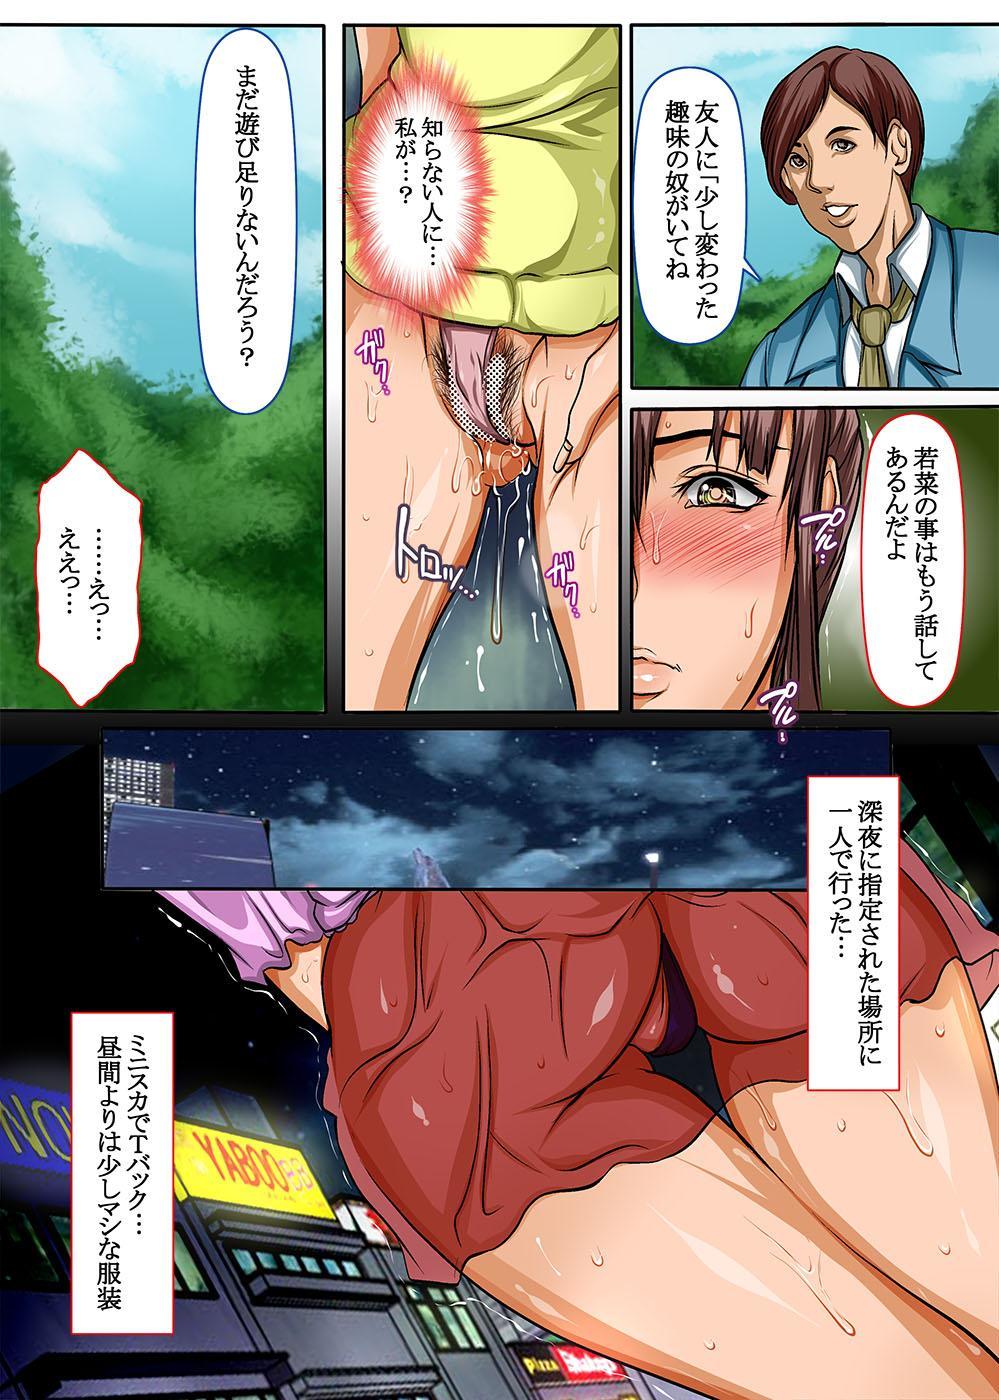 Uwaki to Kuikomi no Hitozuma Wakana-san no Seikatsu 71